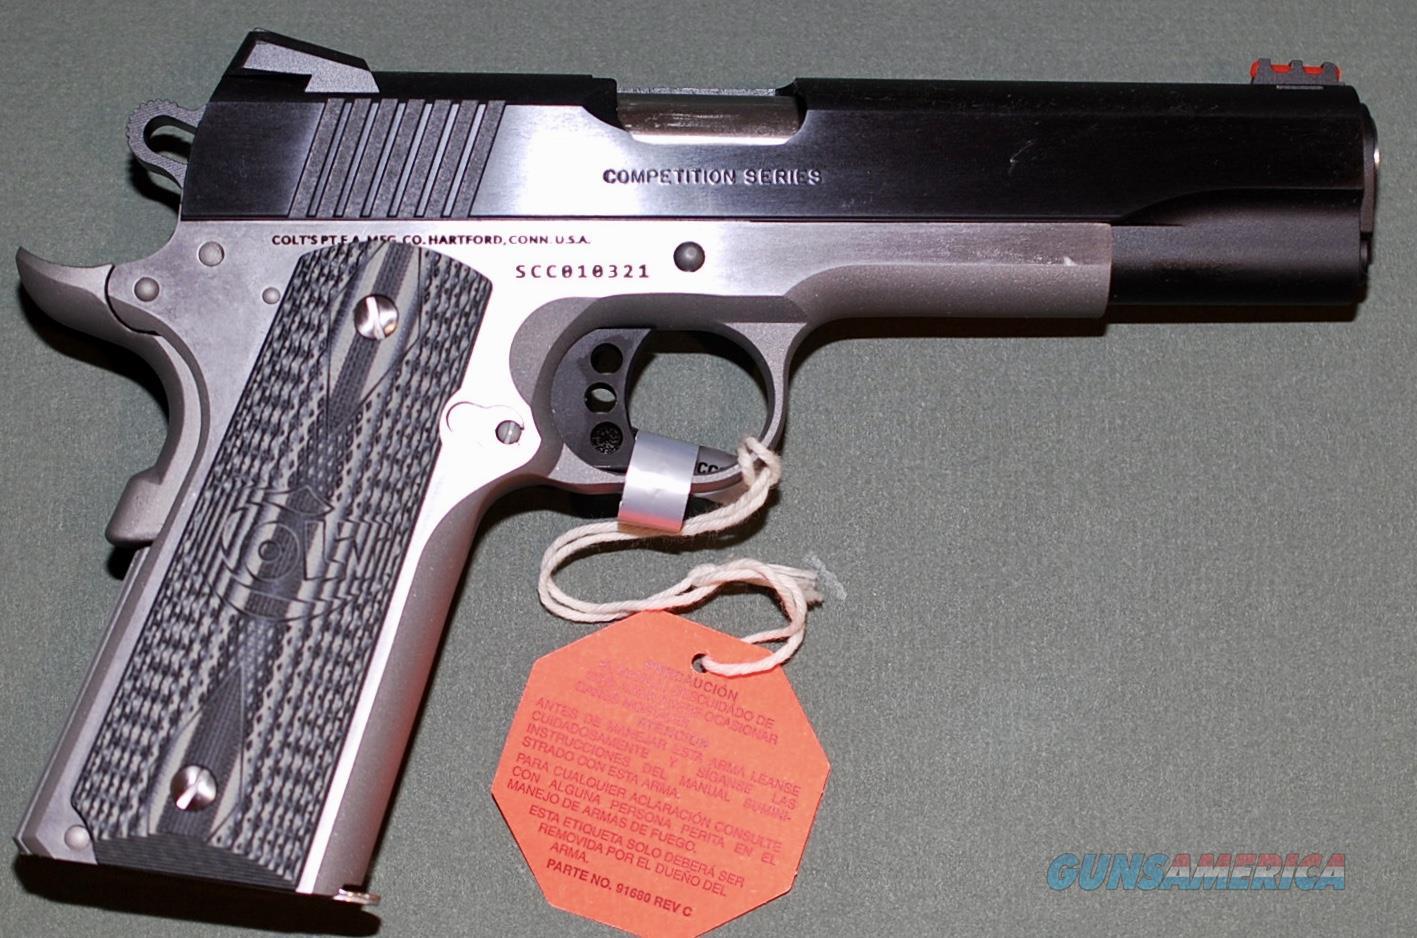 Colt Competition Series .45 Auto Two Tone, NIB  Guns > Pistols > Colt Automatic Pistols (1911 & Var)